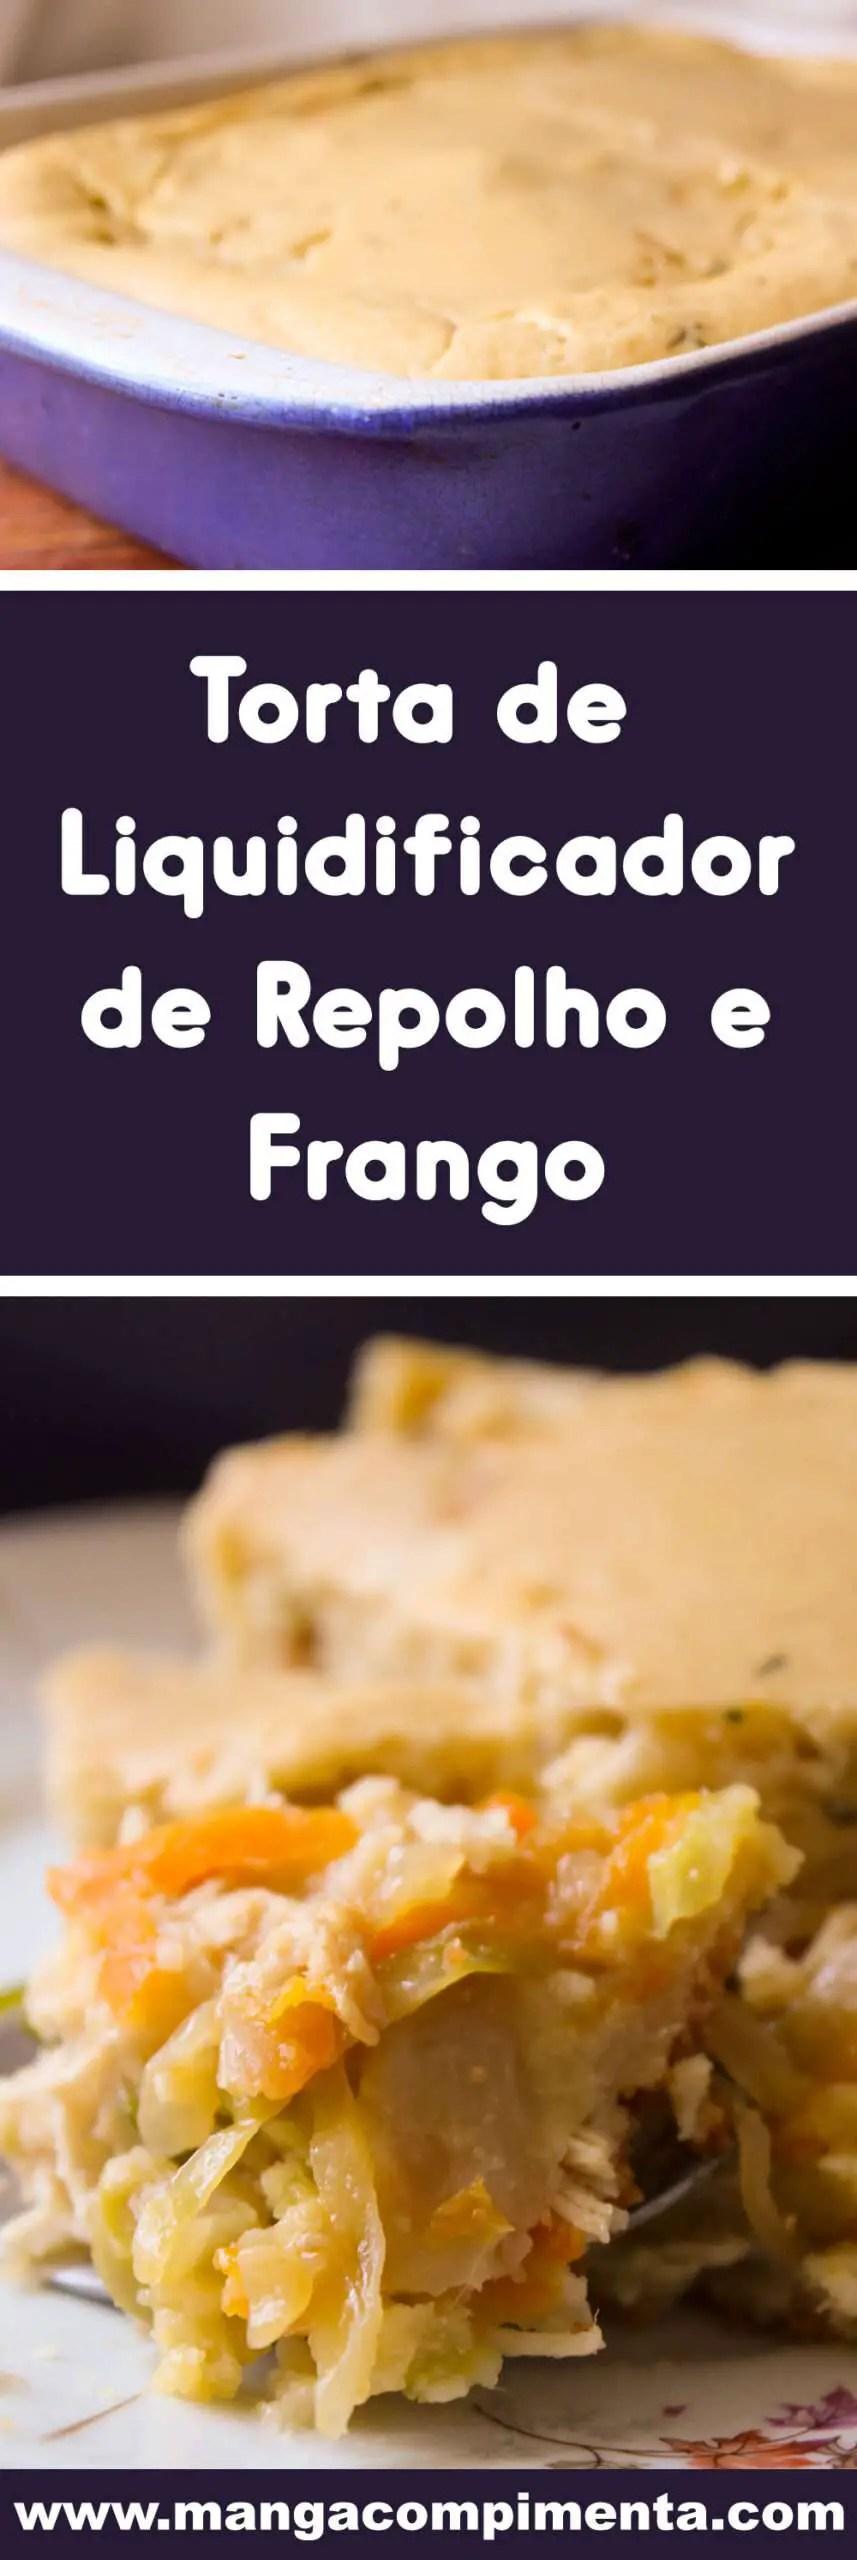 Receita de Torta de Liquidificador de Repolho e Frango - prepare em casa para a sua família.